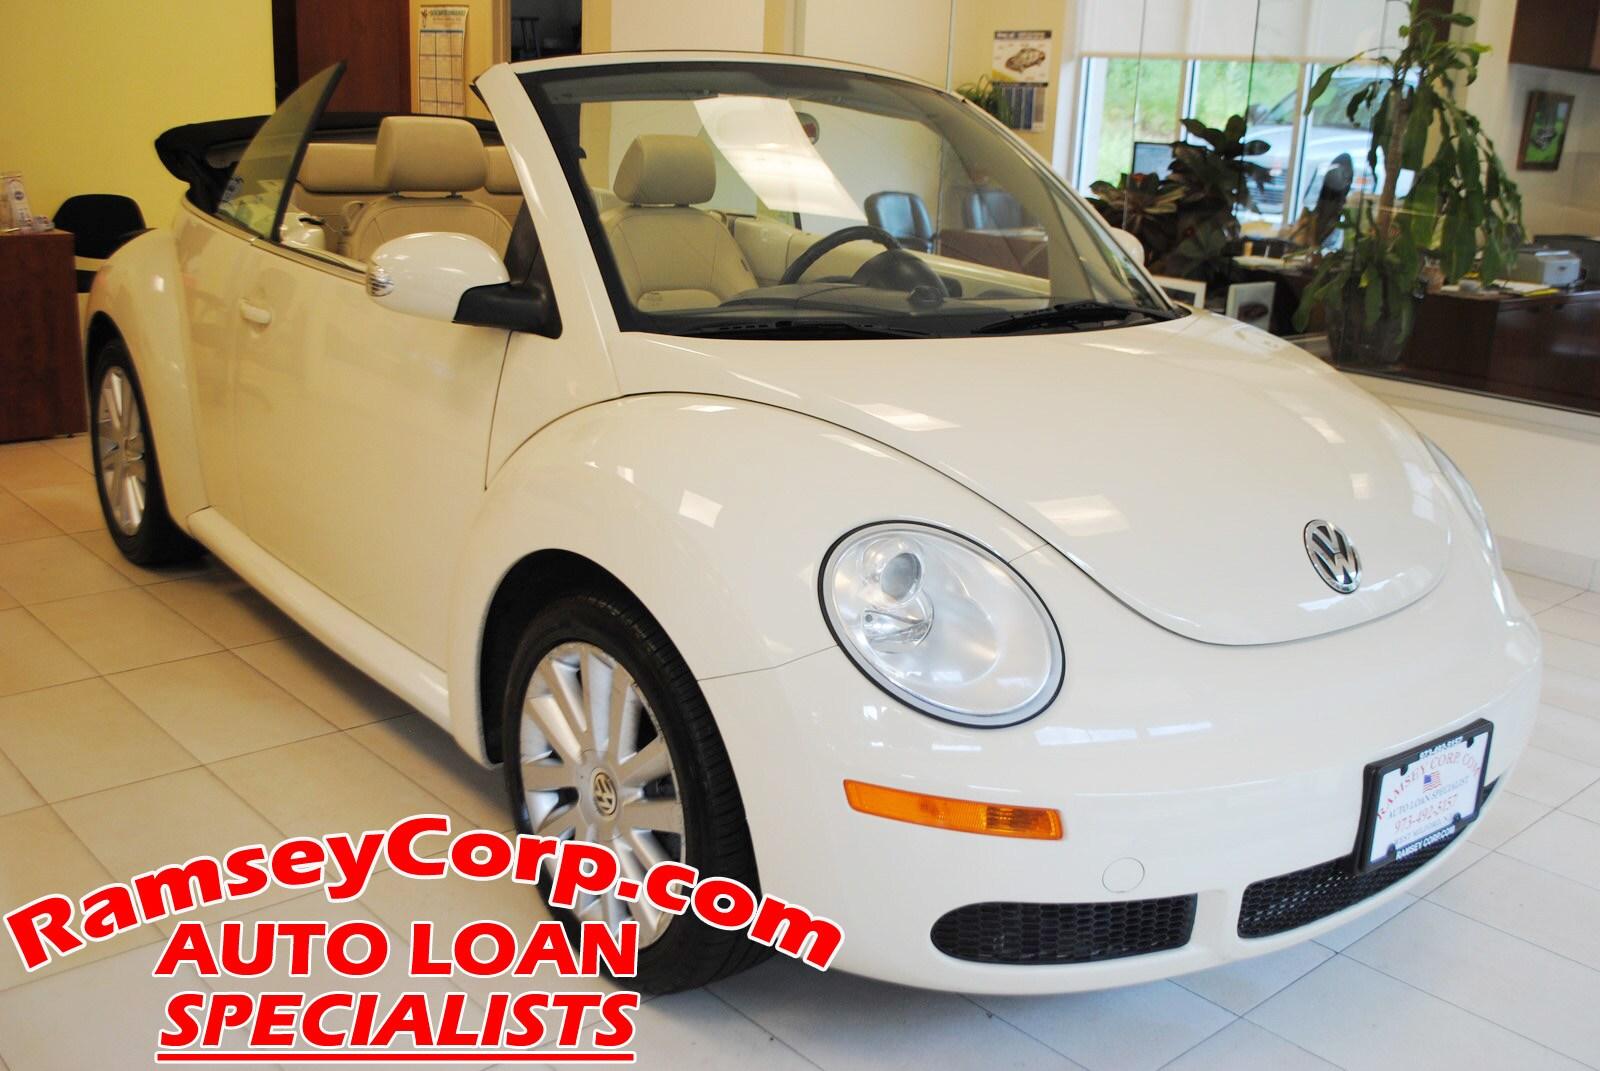 2008 Volkswagen New Beetle SE 2.5 Convertible